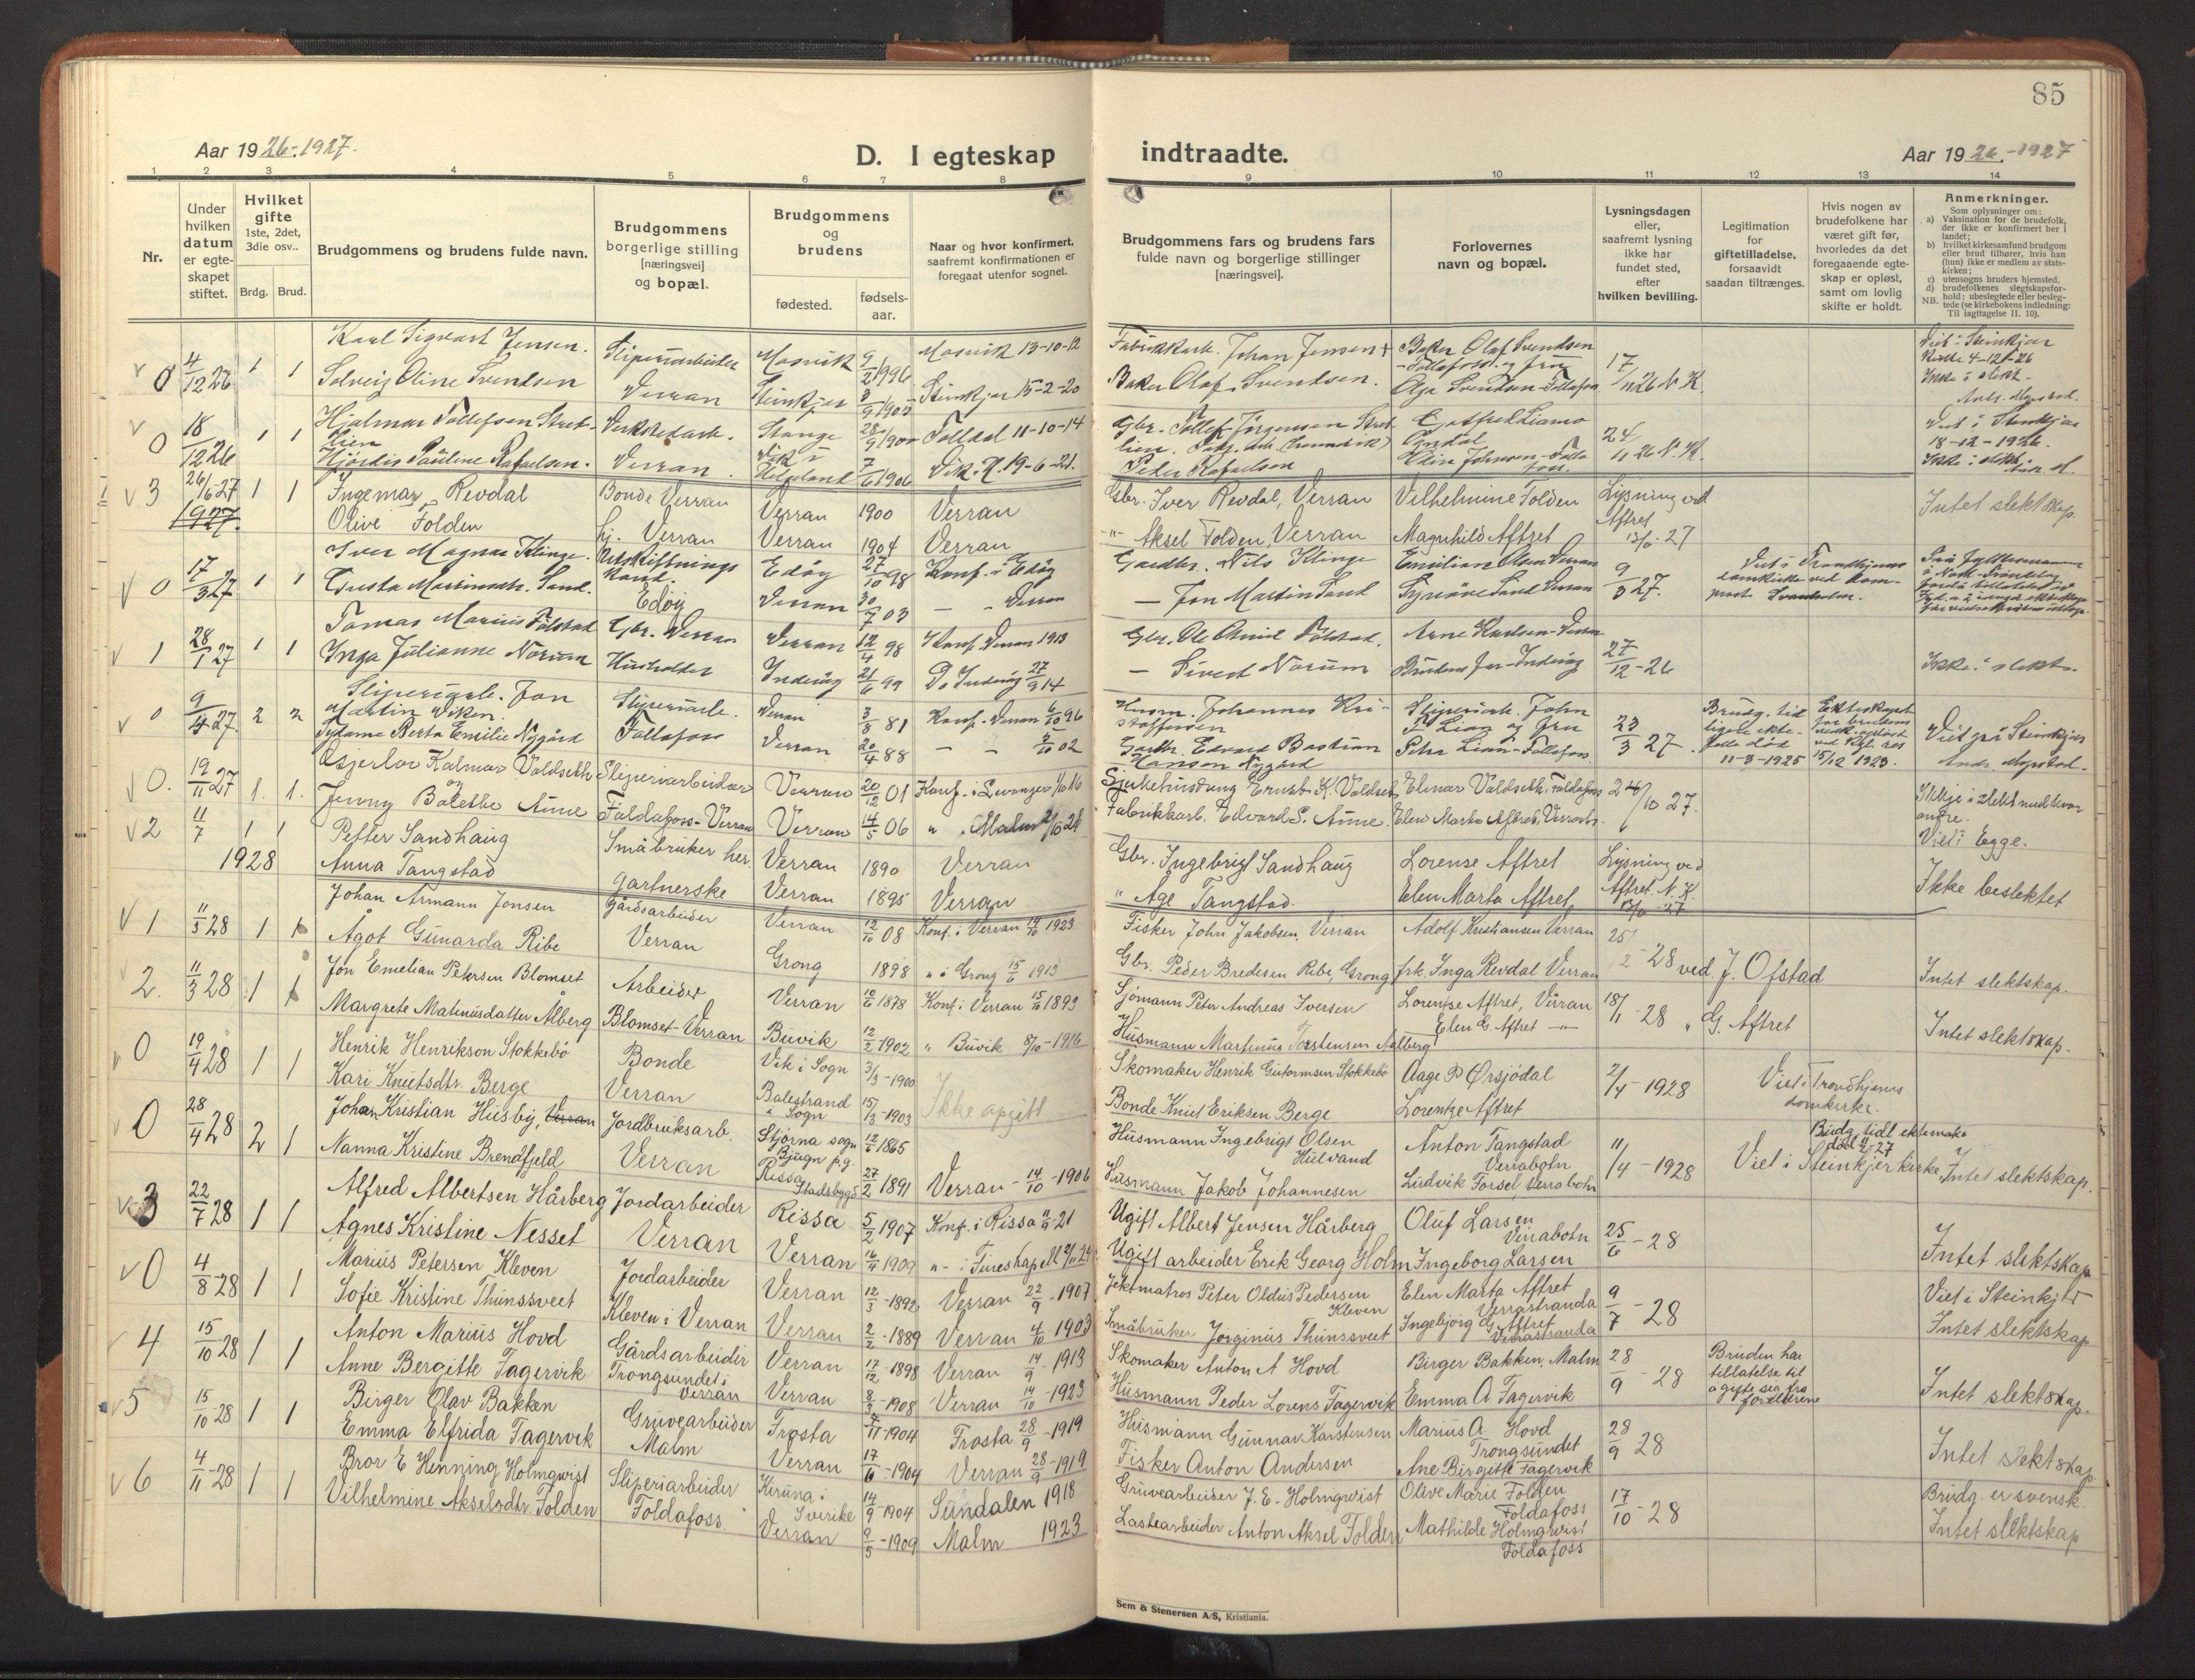 SAT, Ministerialprotokoller, klokkerbøker og fødselsregistre - Nord-Trøndelag, 744/L0425: Klokkerbok nr. 744C04, 1924-1947, s. 85